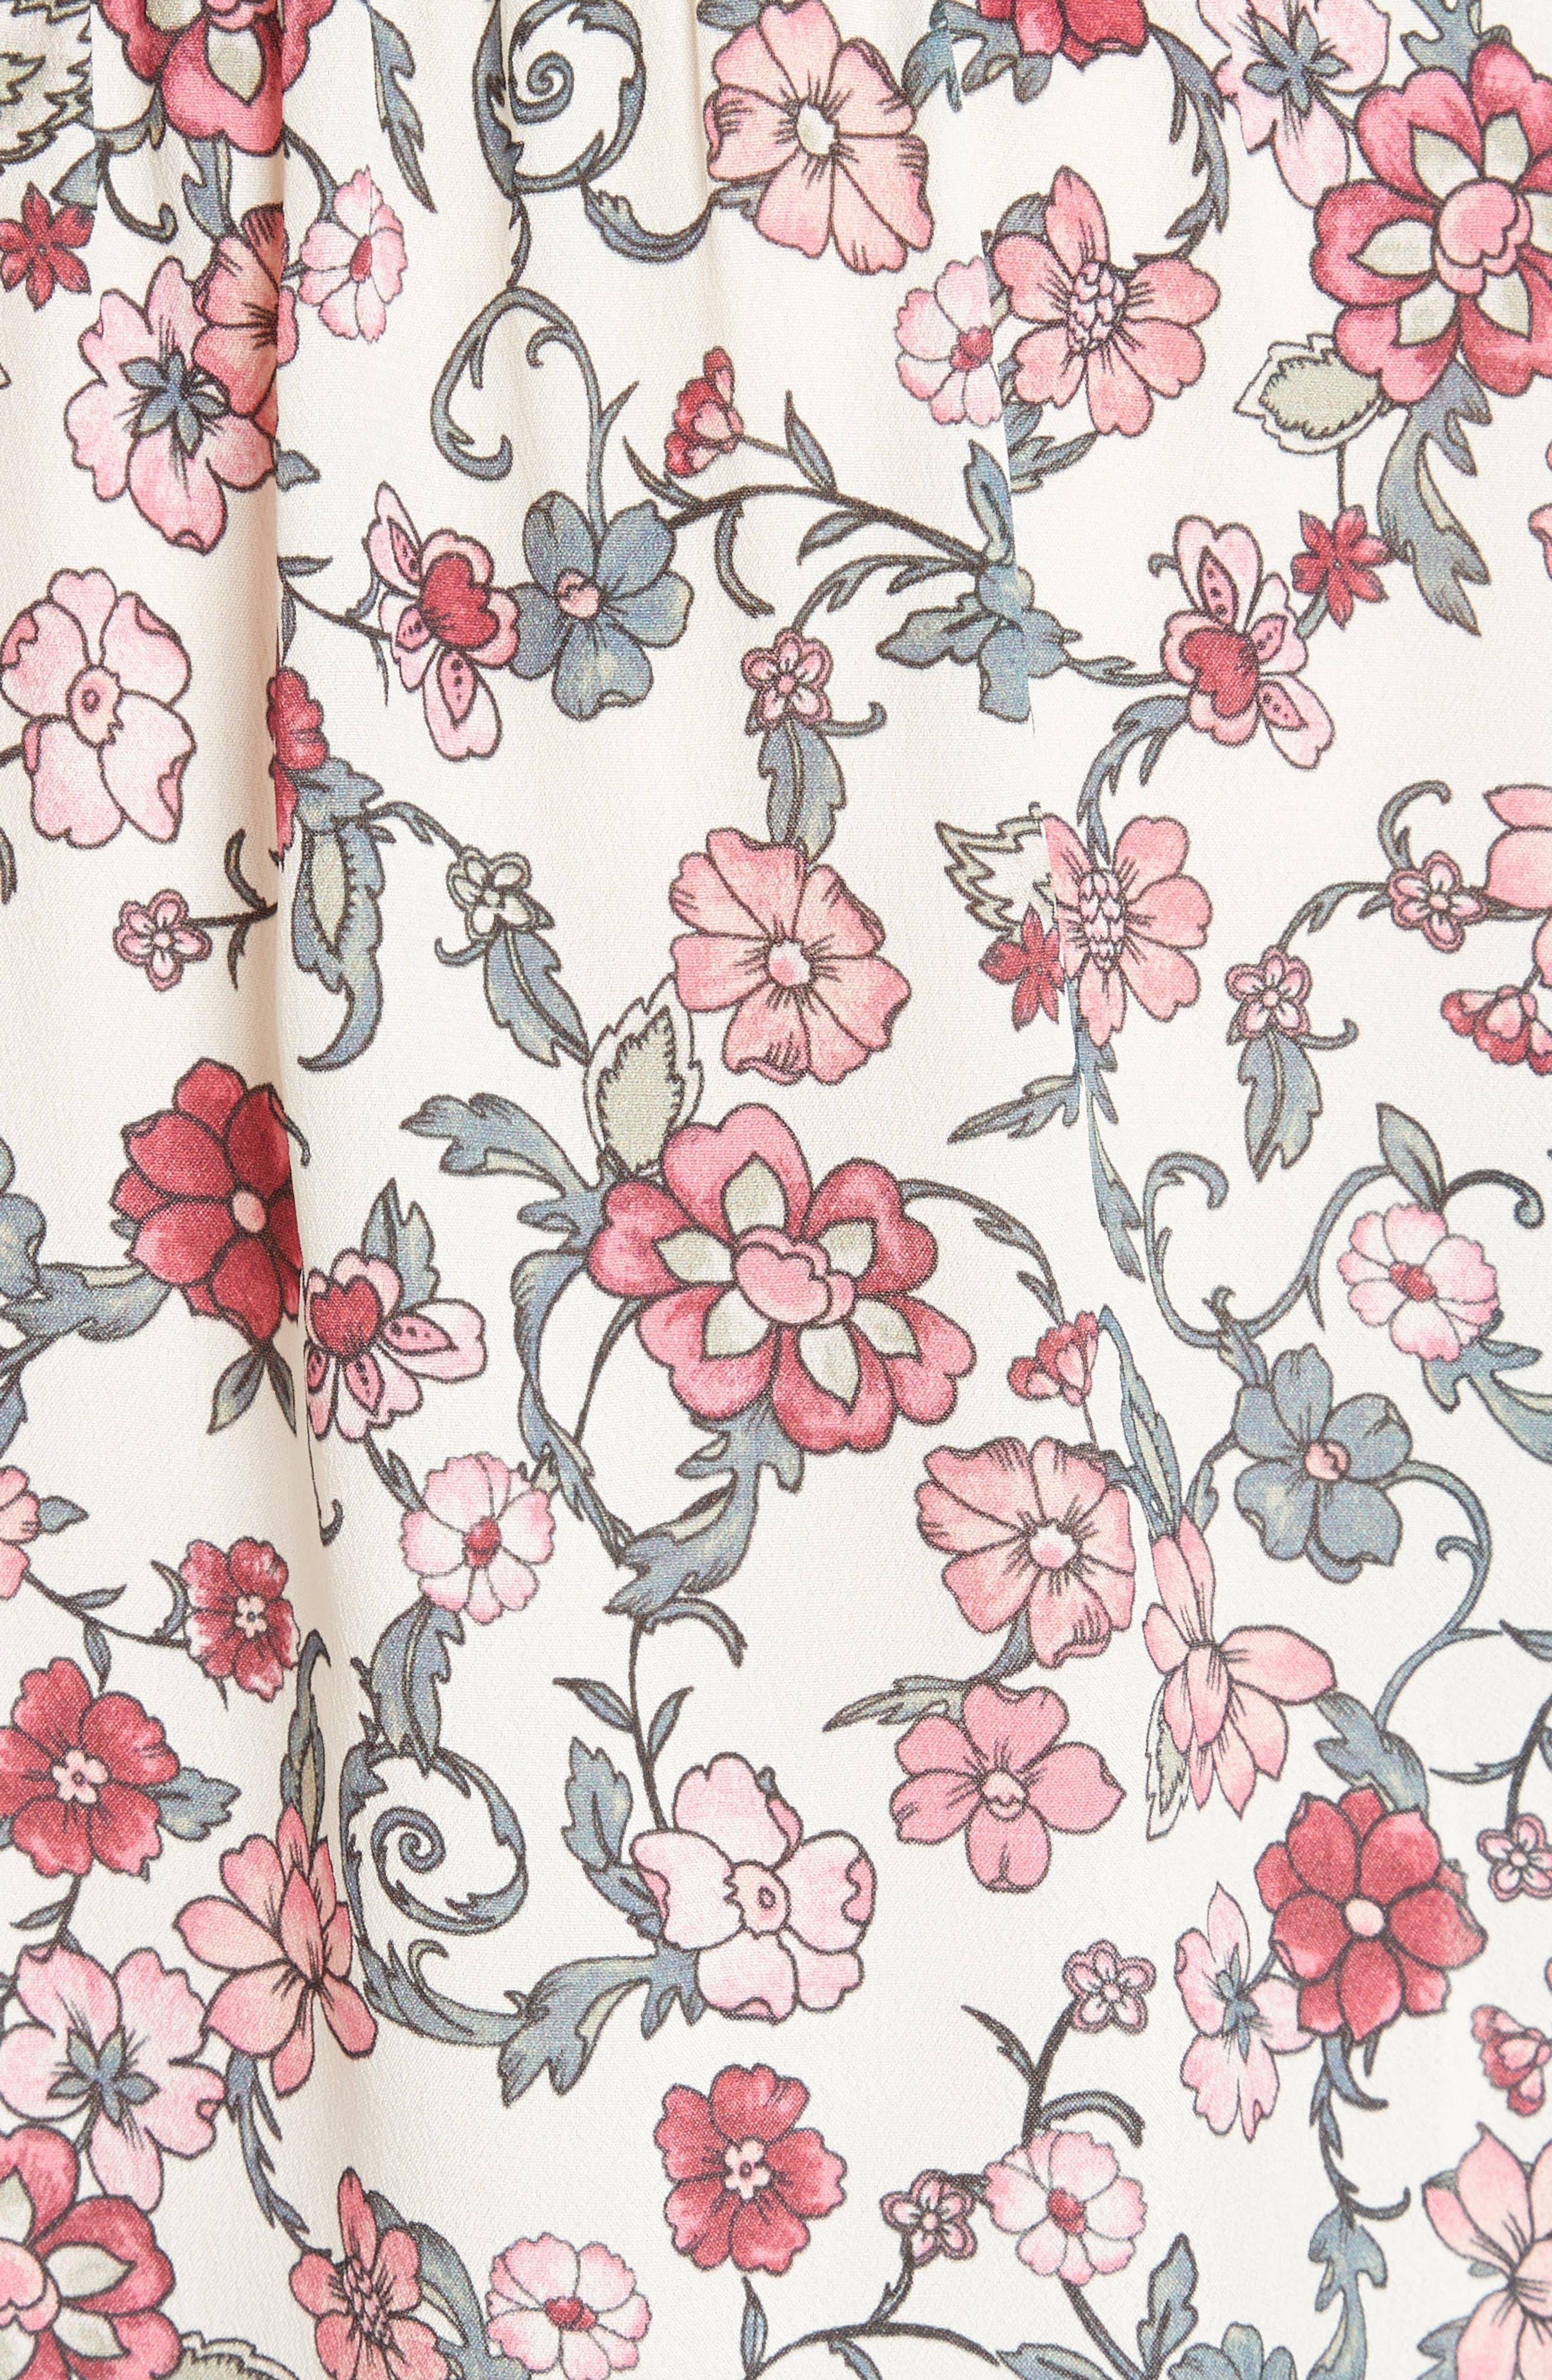 Floral Tie Neck Blouse,                             Alternate thumbnail 5, color,                             650